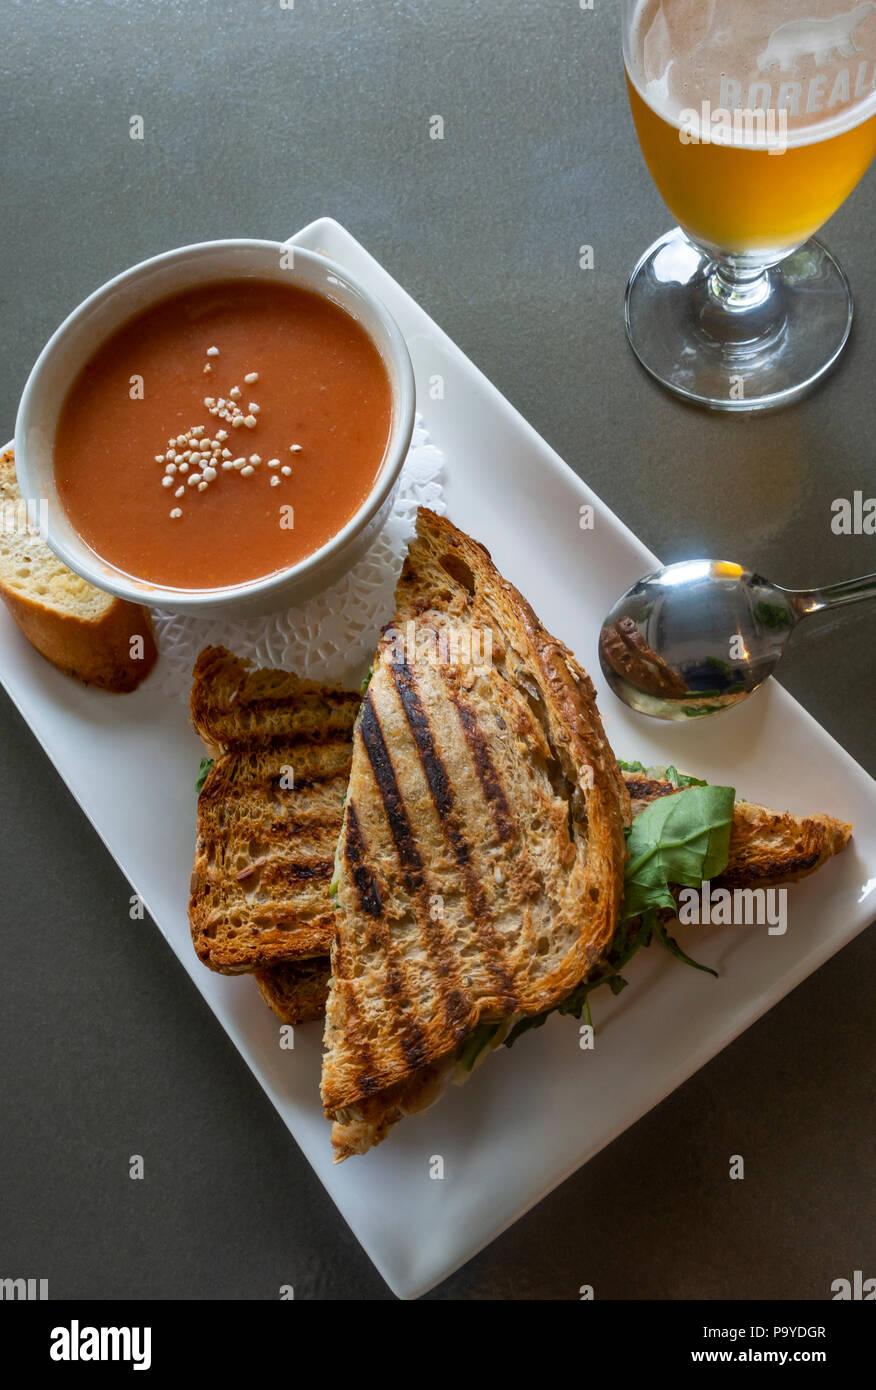 Sandwich au fromage grillé avec gaspacho et une blonde bière canadienne Photo Stock